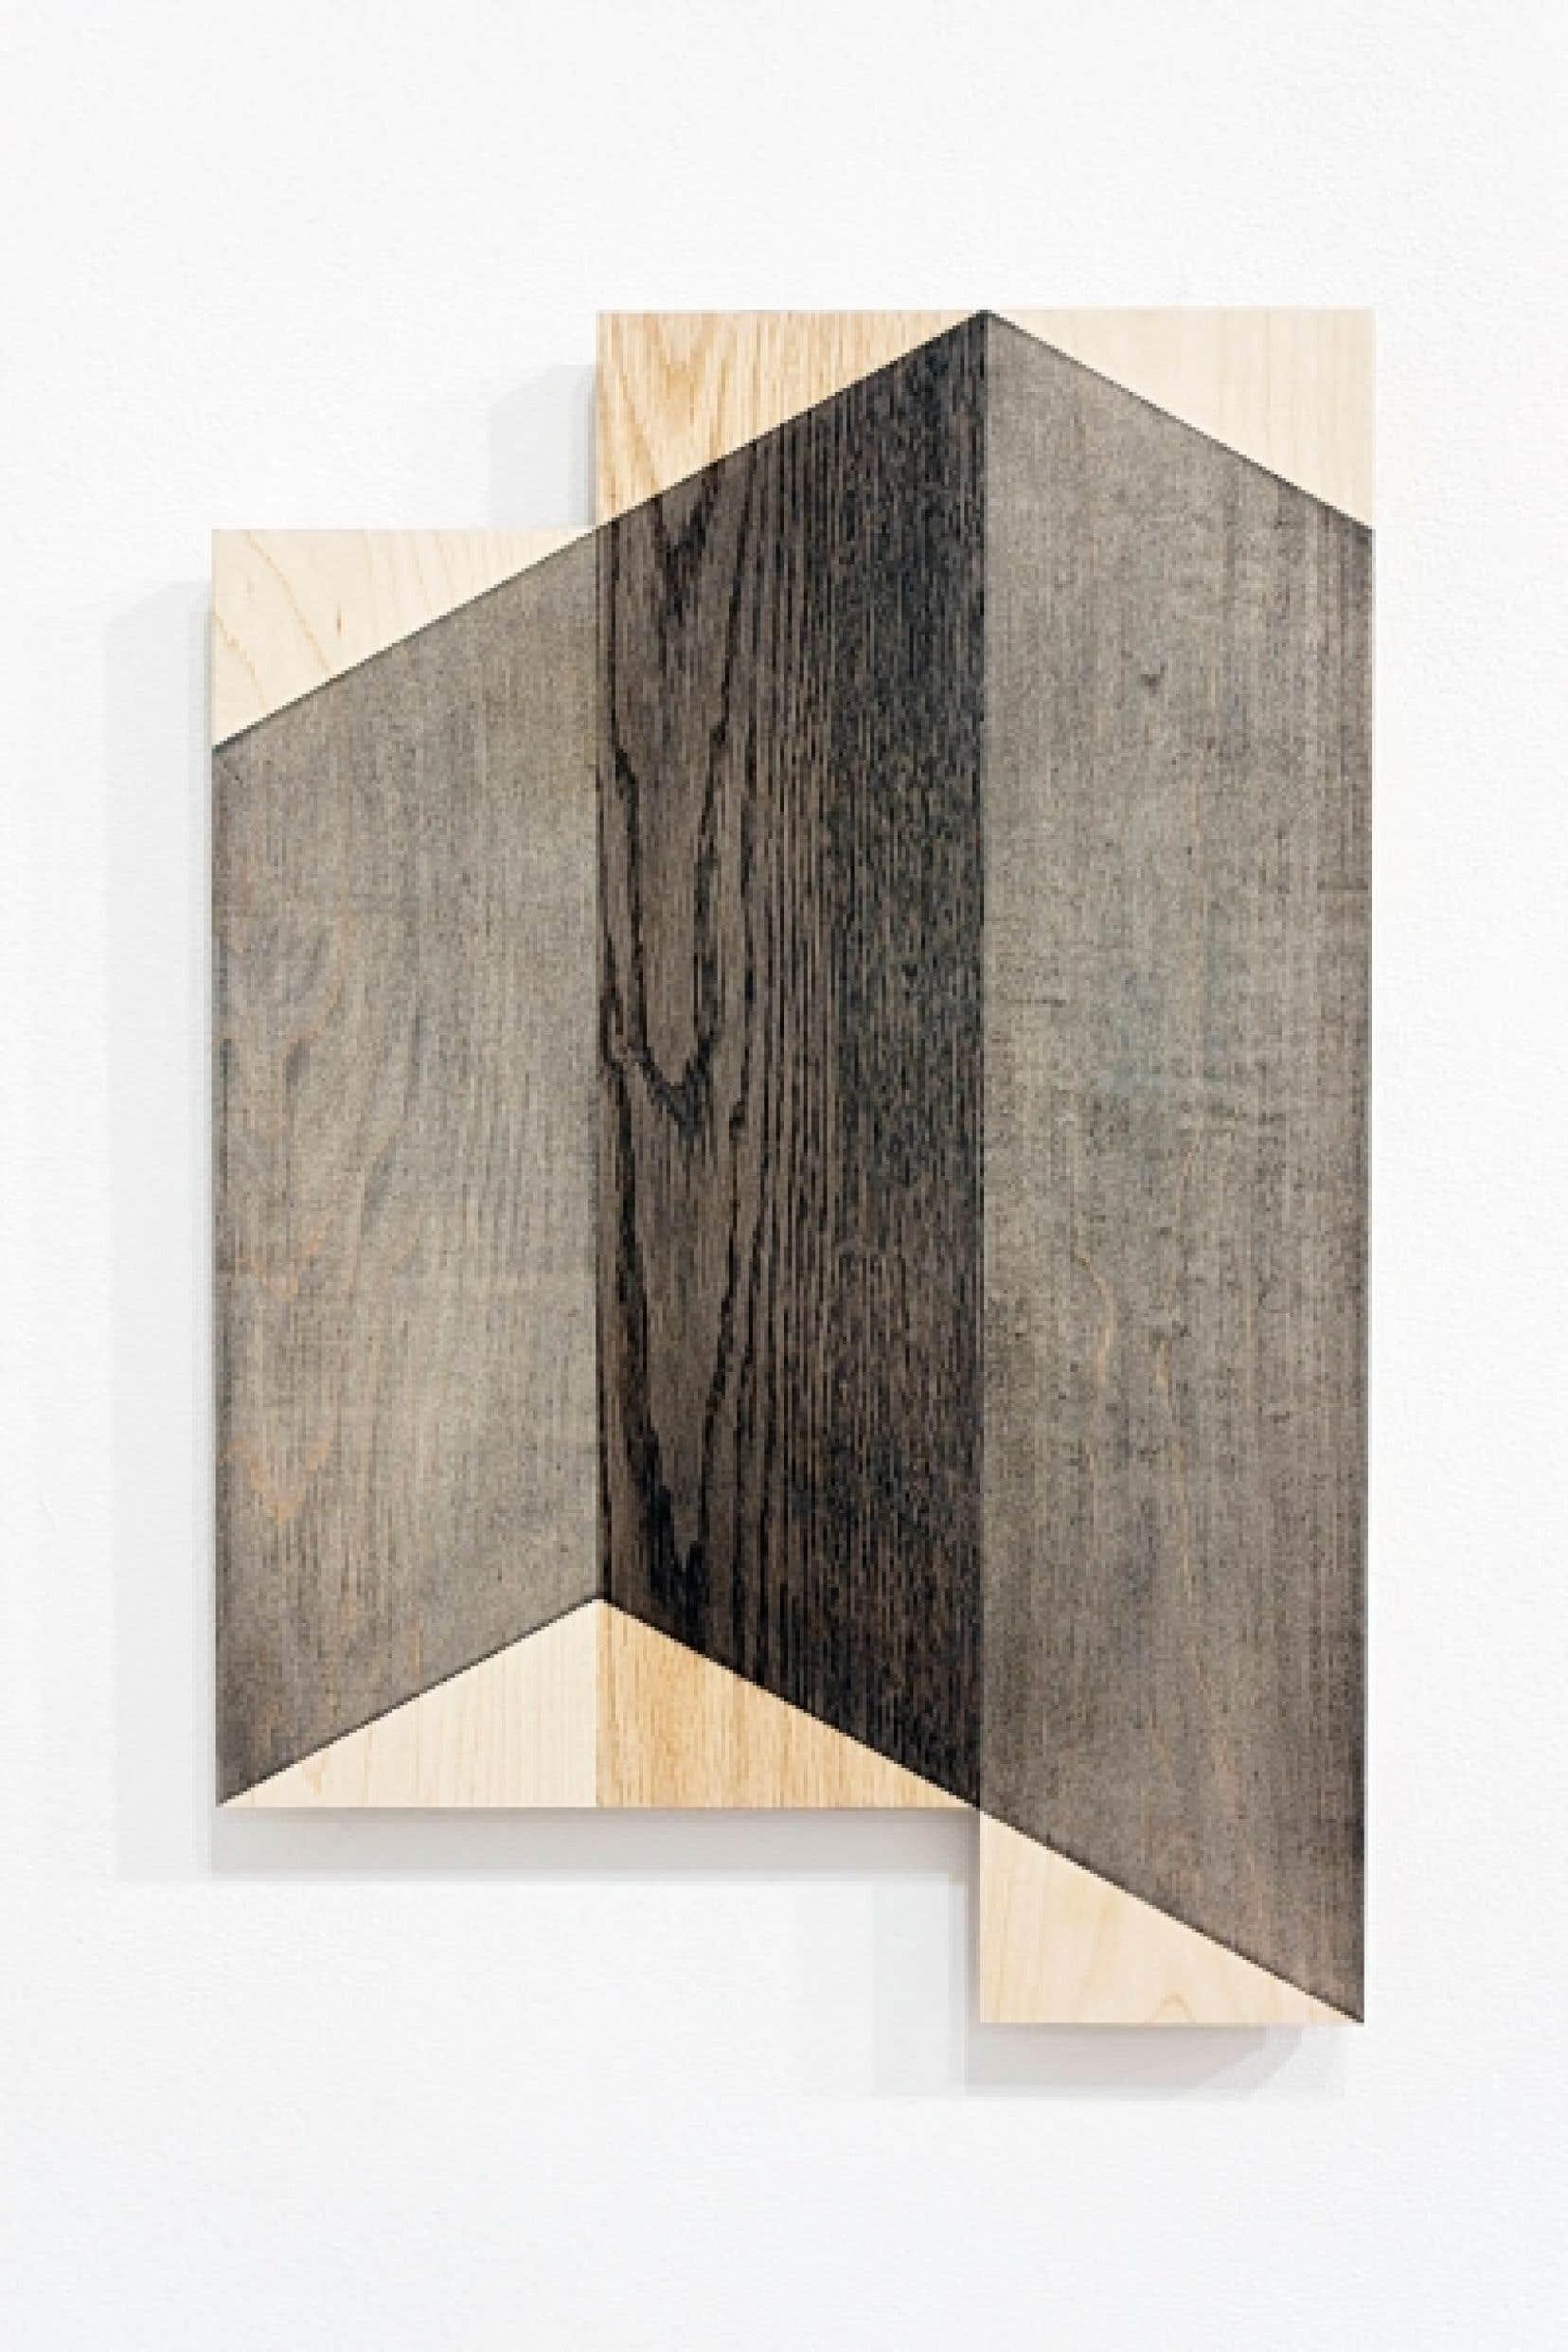 «Mouvement no.2: élément no. 2 de 5», de Stéphane La Rue, poudre de graphite sur bois